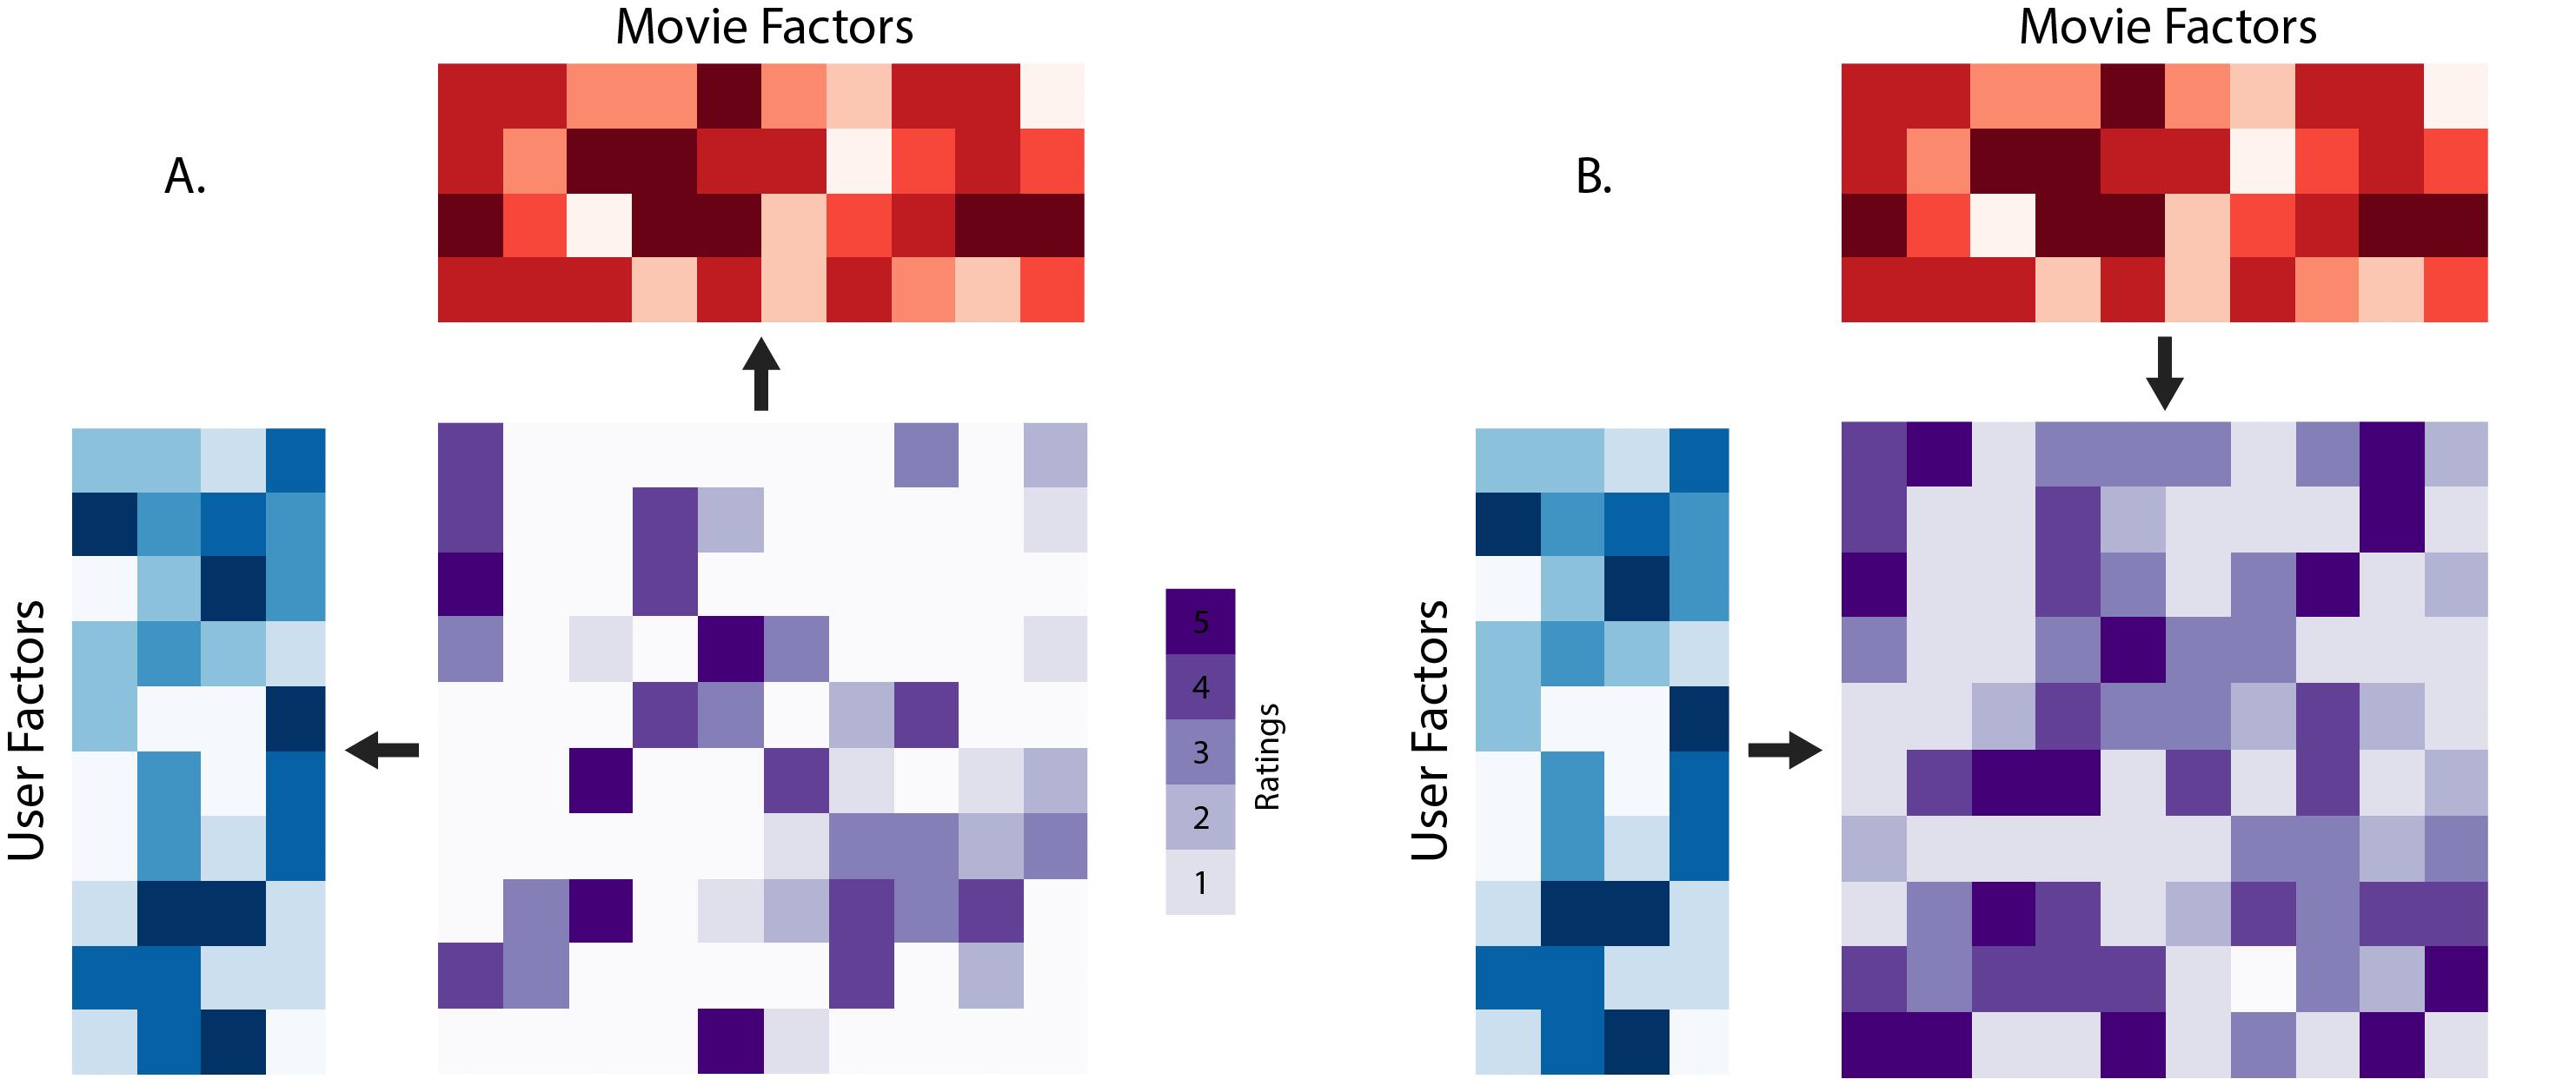 mf matrix factors